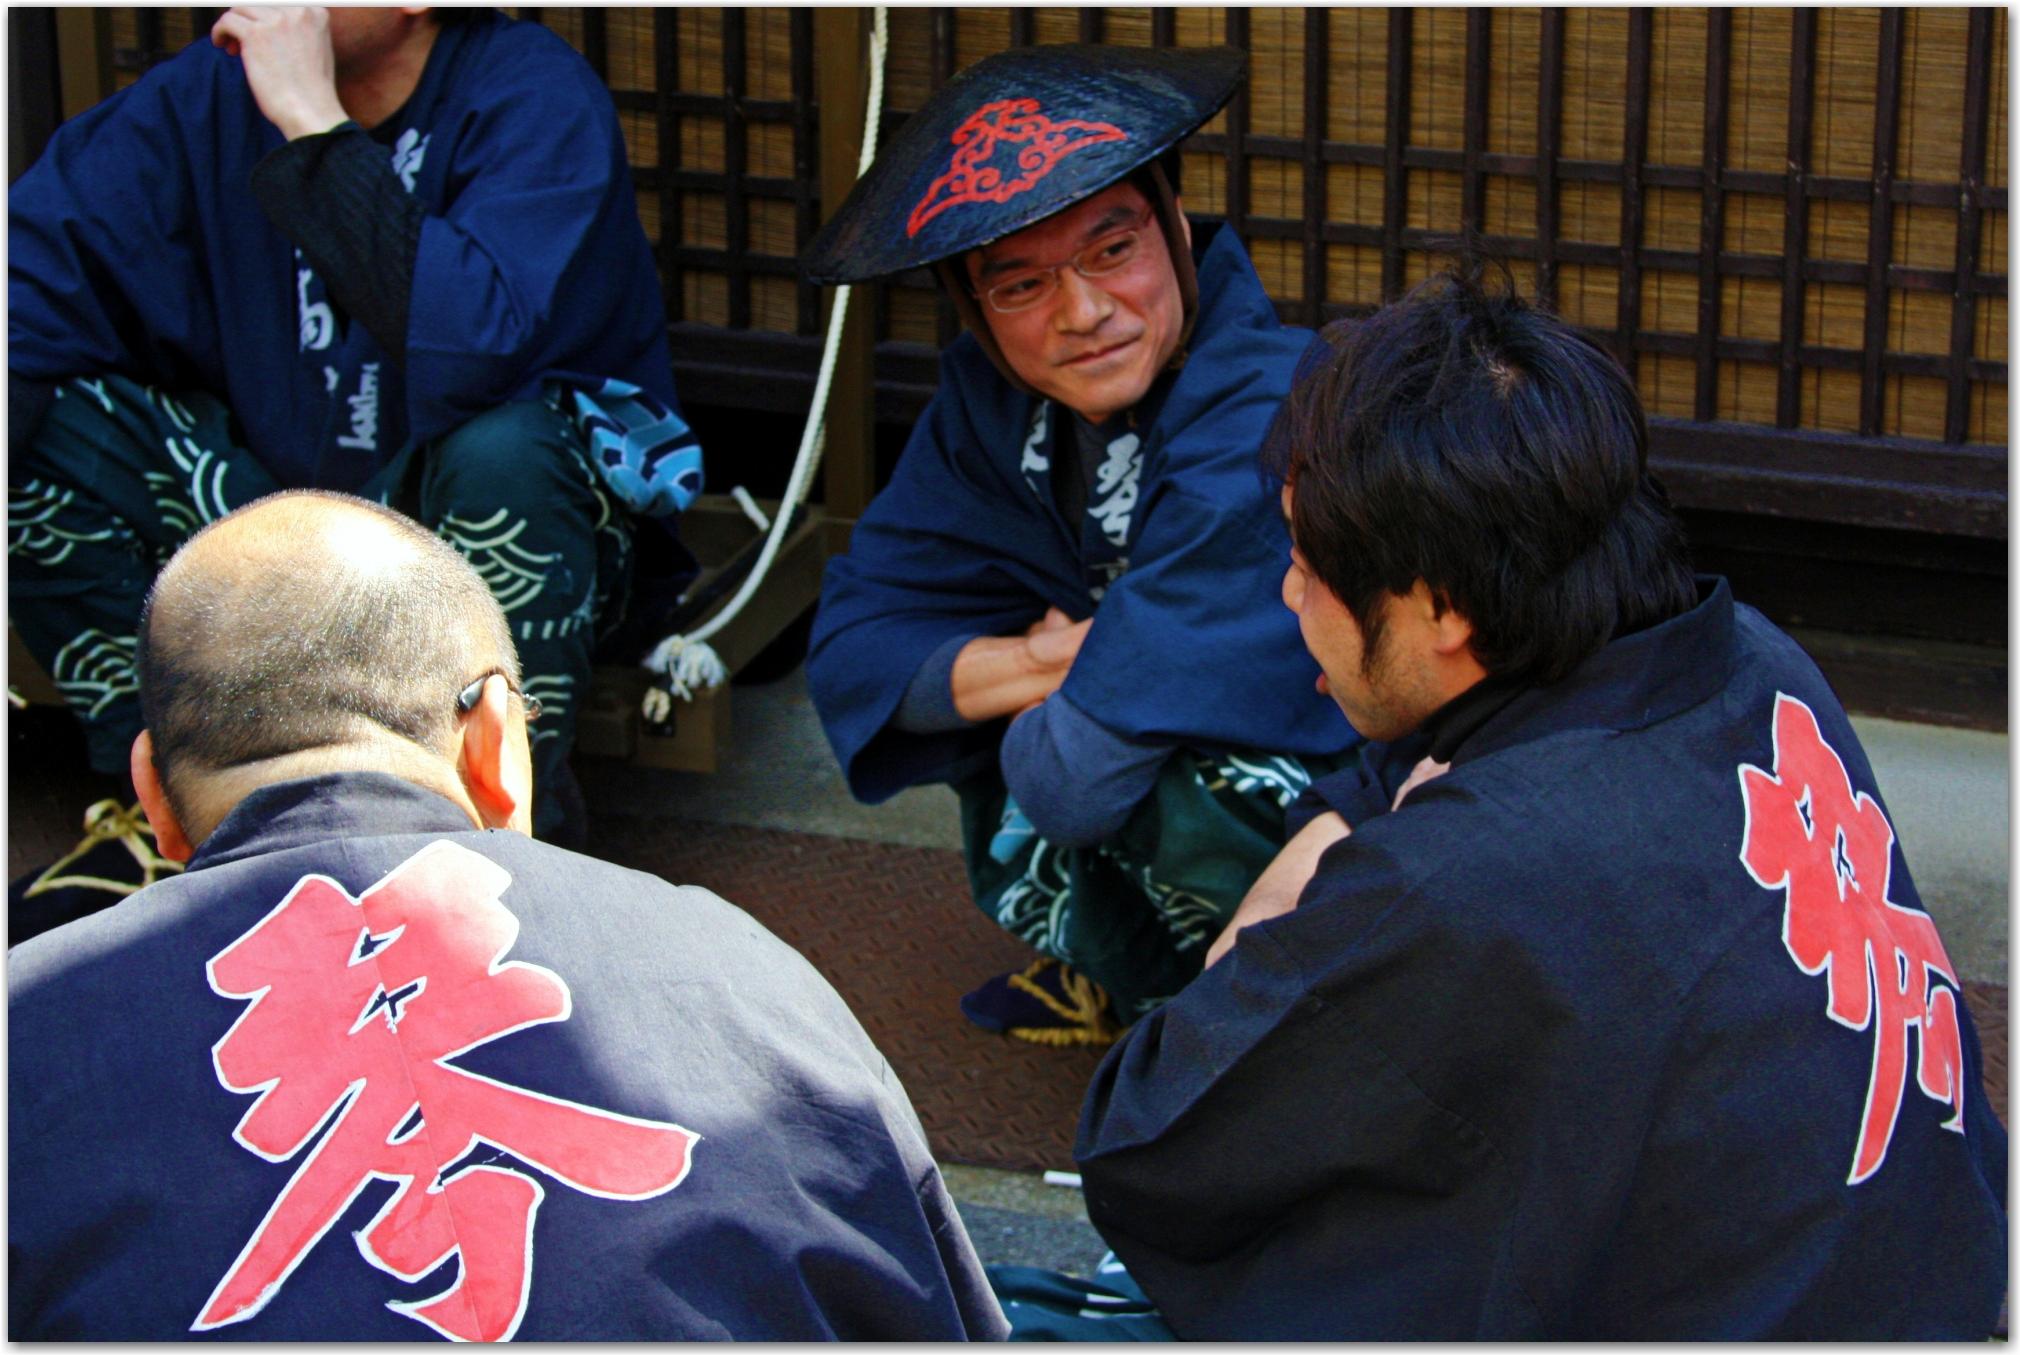 japanese people are wonderful